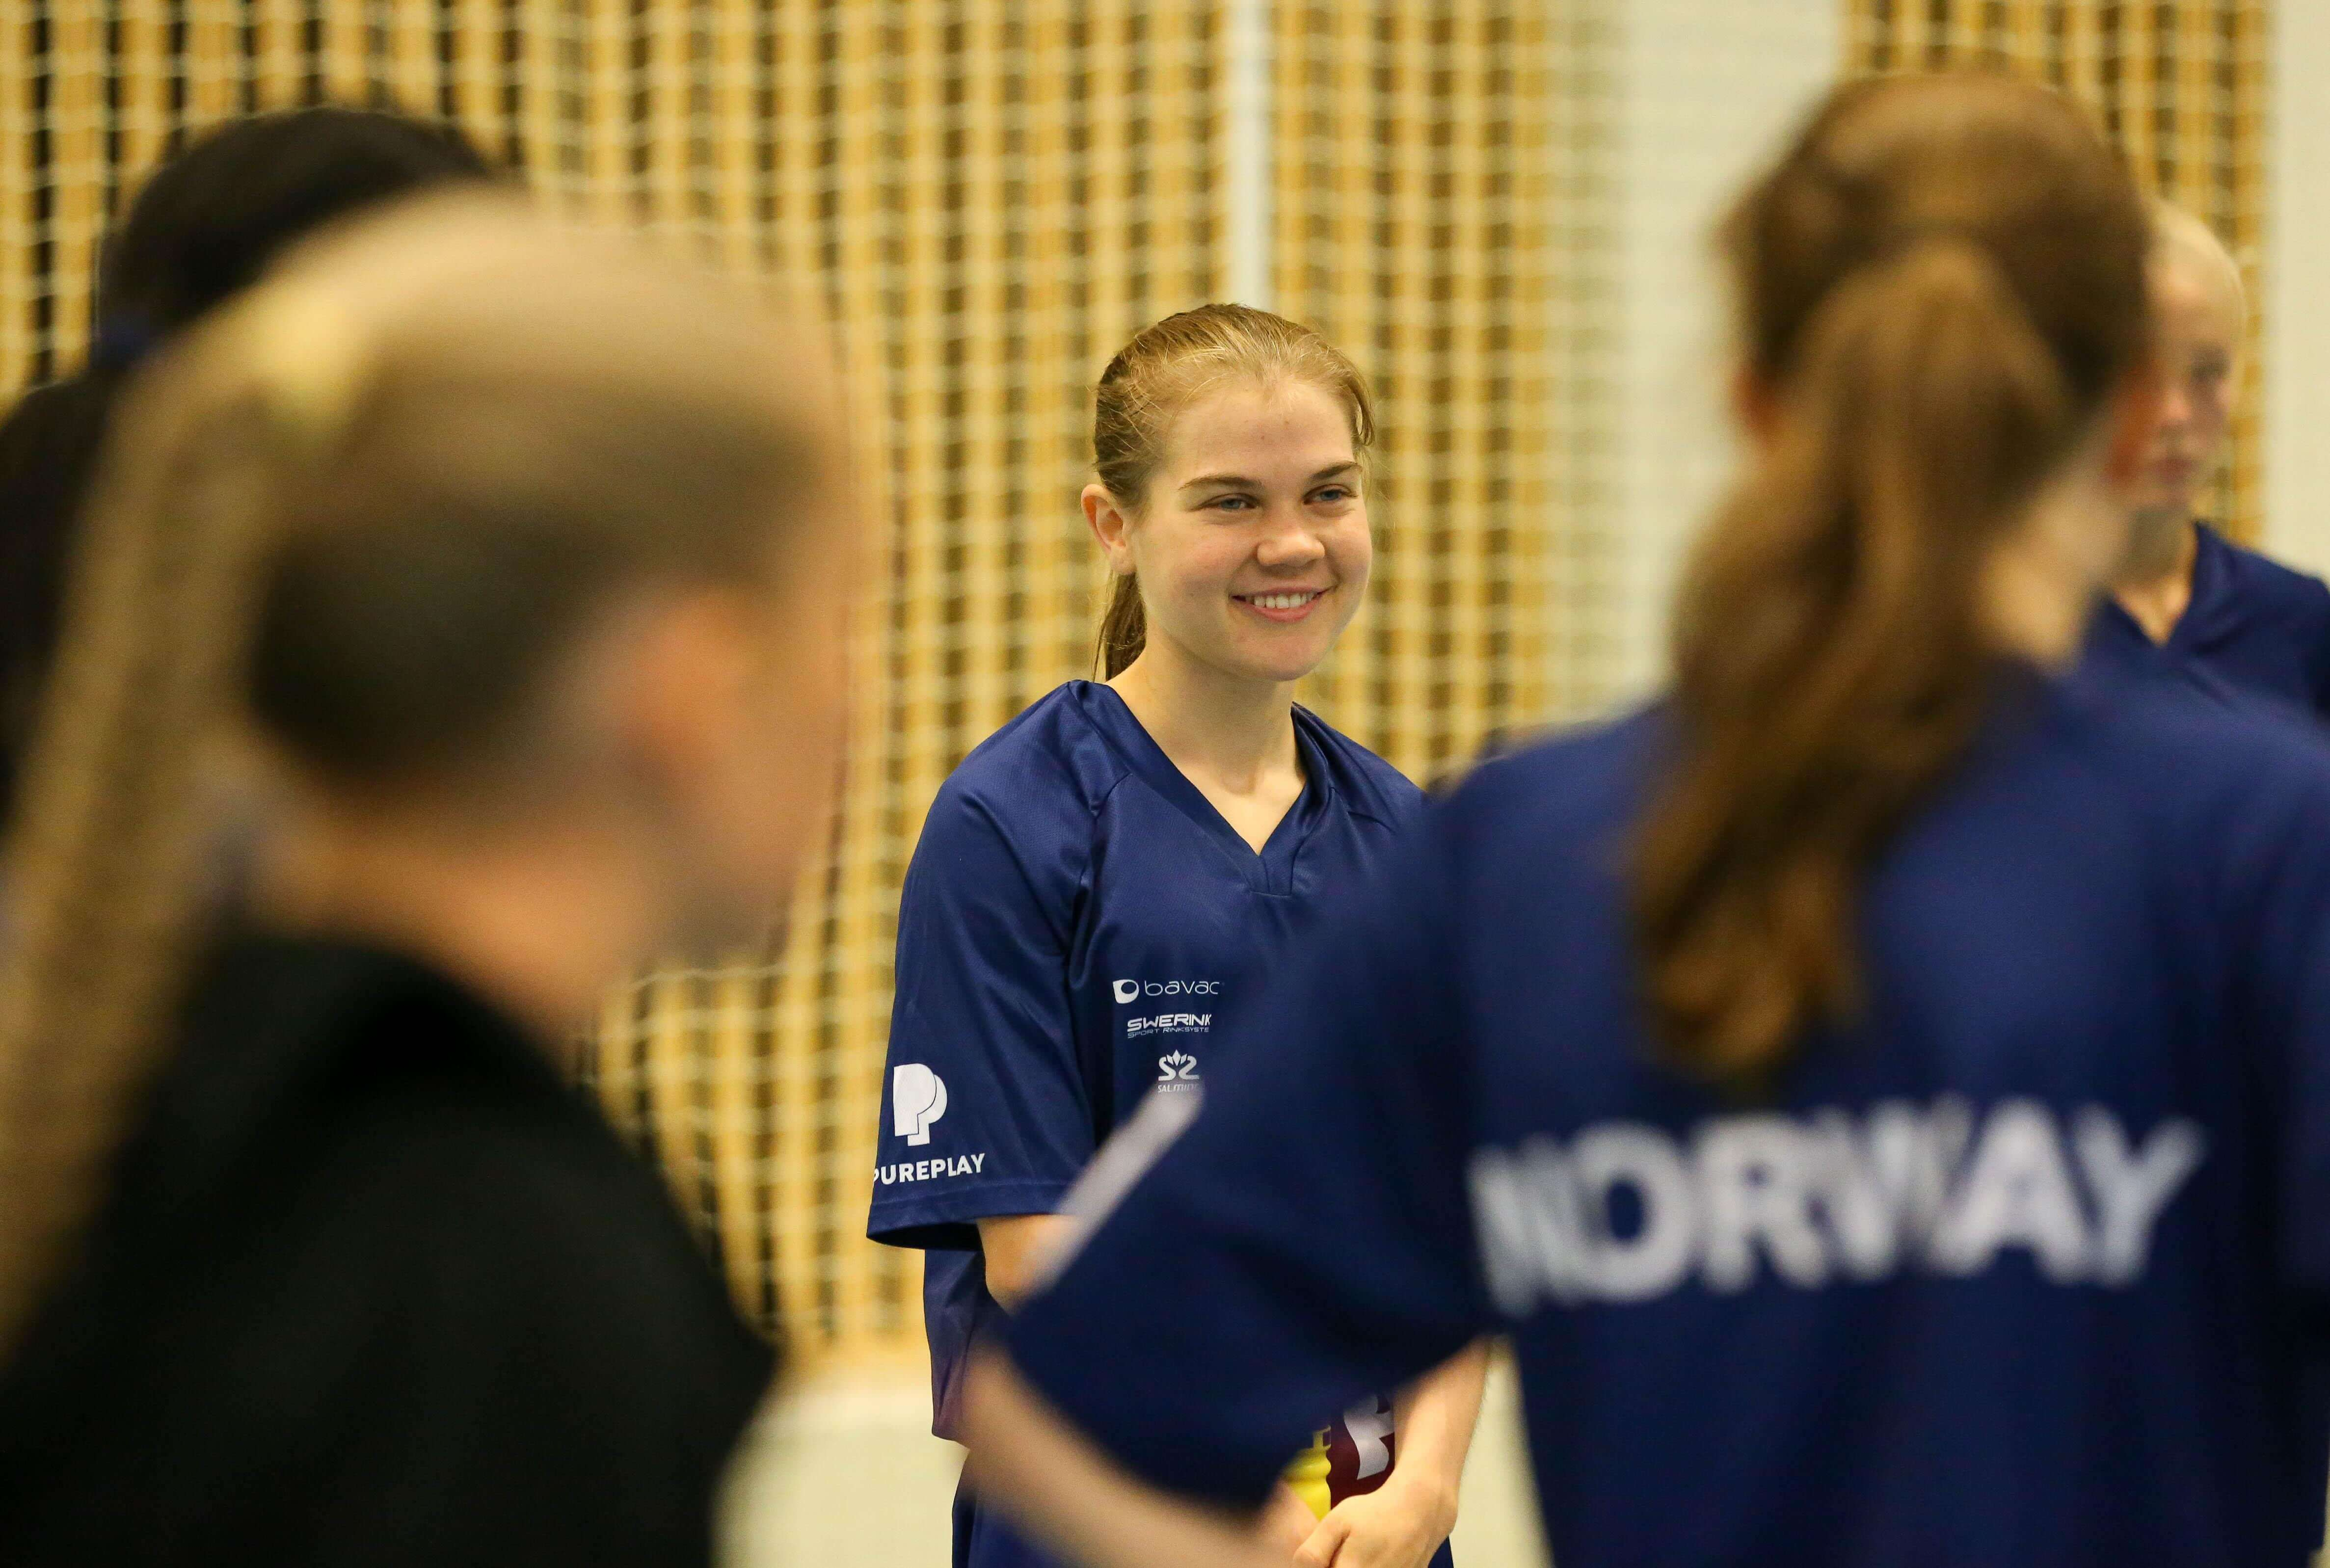 Line Trandum Terjesen vant Vikingen for U19 kvinner da landslaget endelig samlet seg igjen. Foto: Kent Henriksen